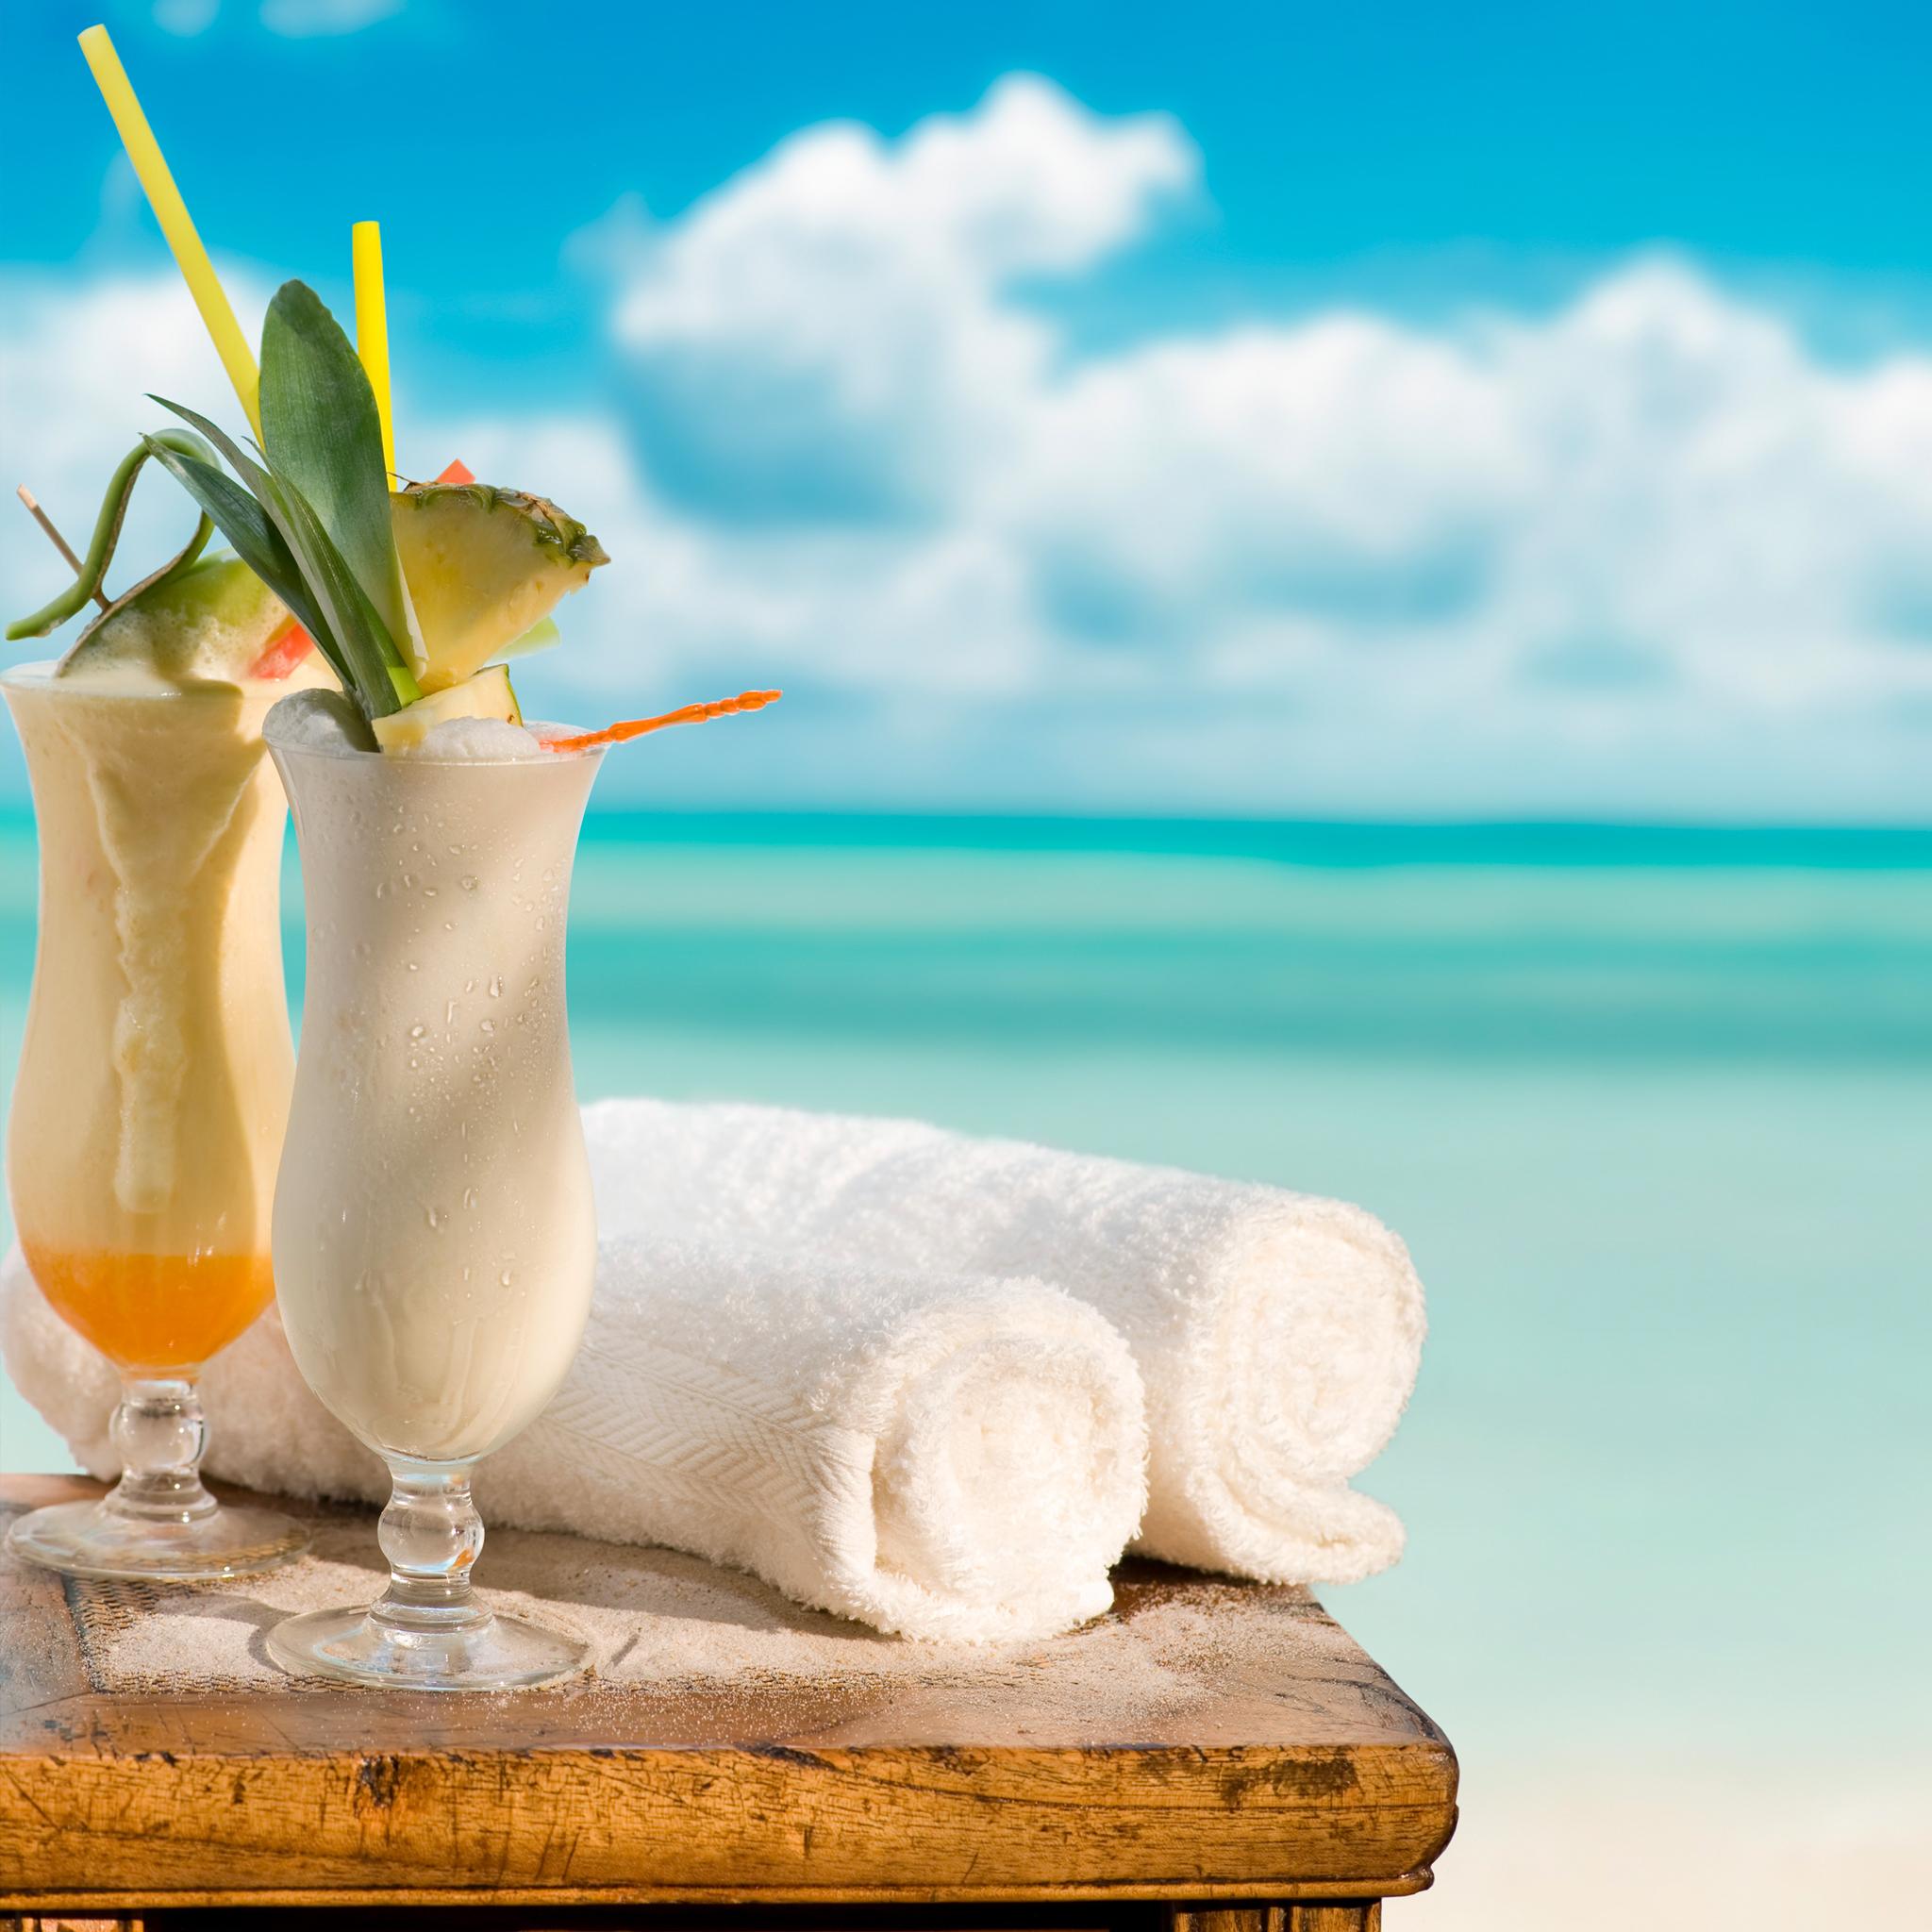 Ocean Paradise 3Wallpapers iPad Ocean Paradise   iPad